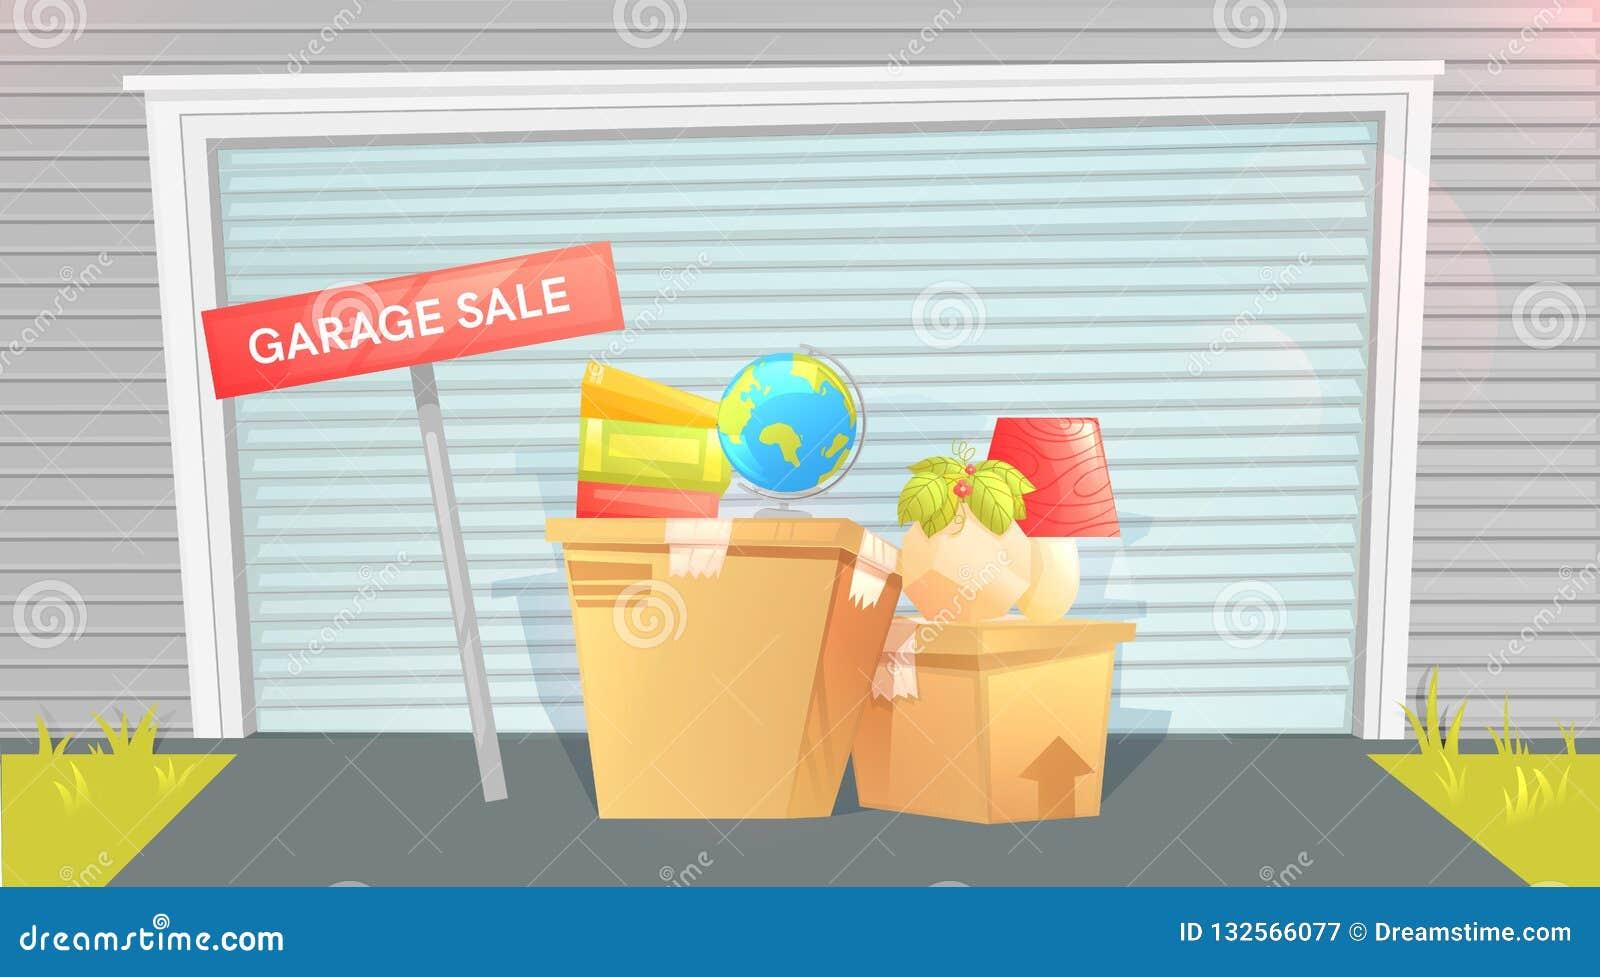 Försäljning hemifrån tecken med asken nära en dörr hus utanför Sälja saker för flyttningen Låt oss som flyttar oss!